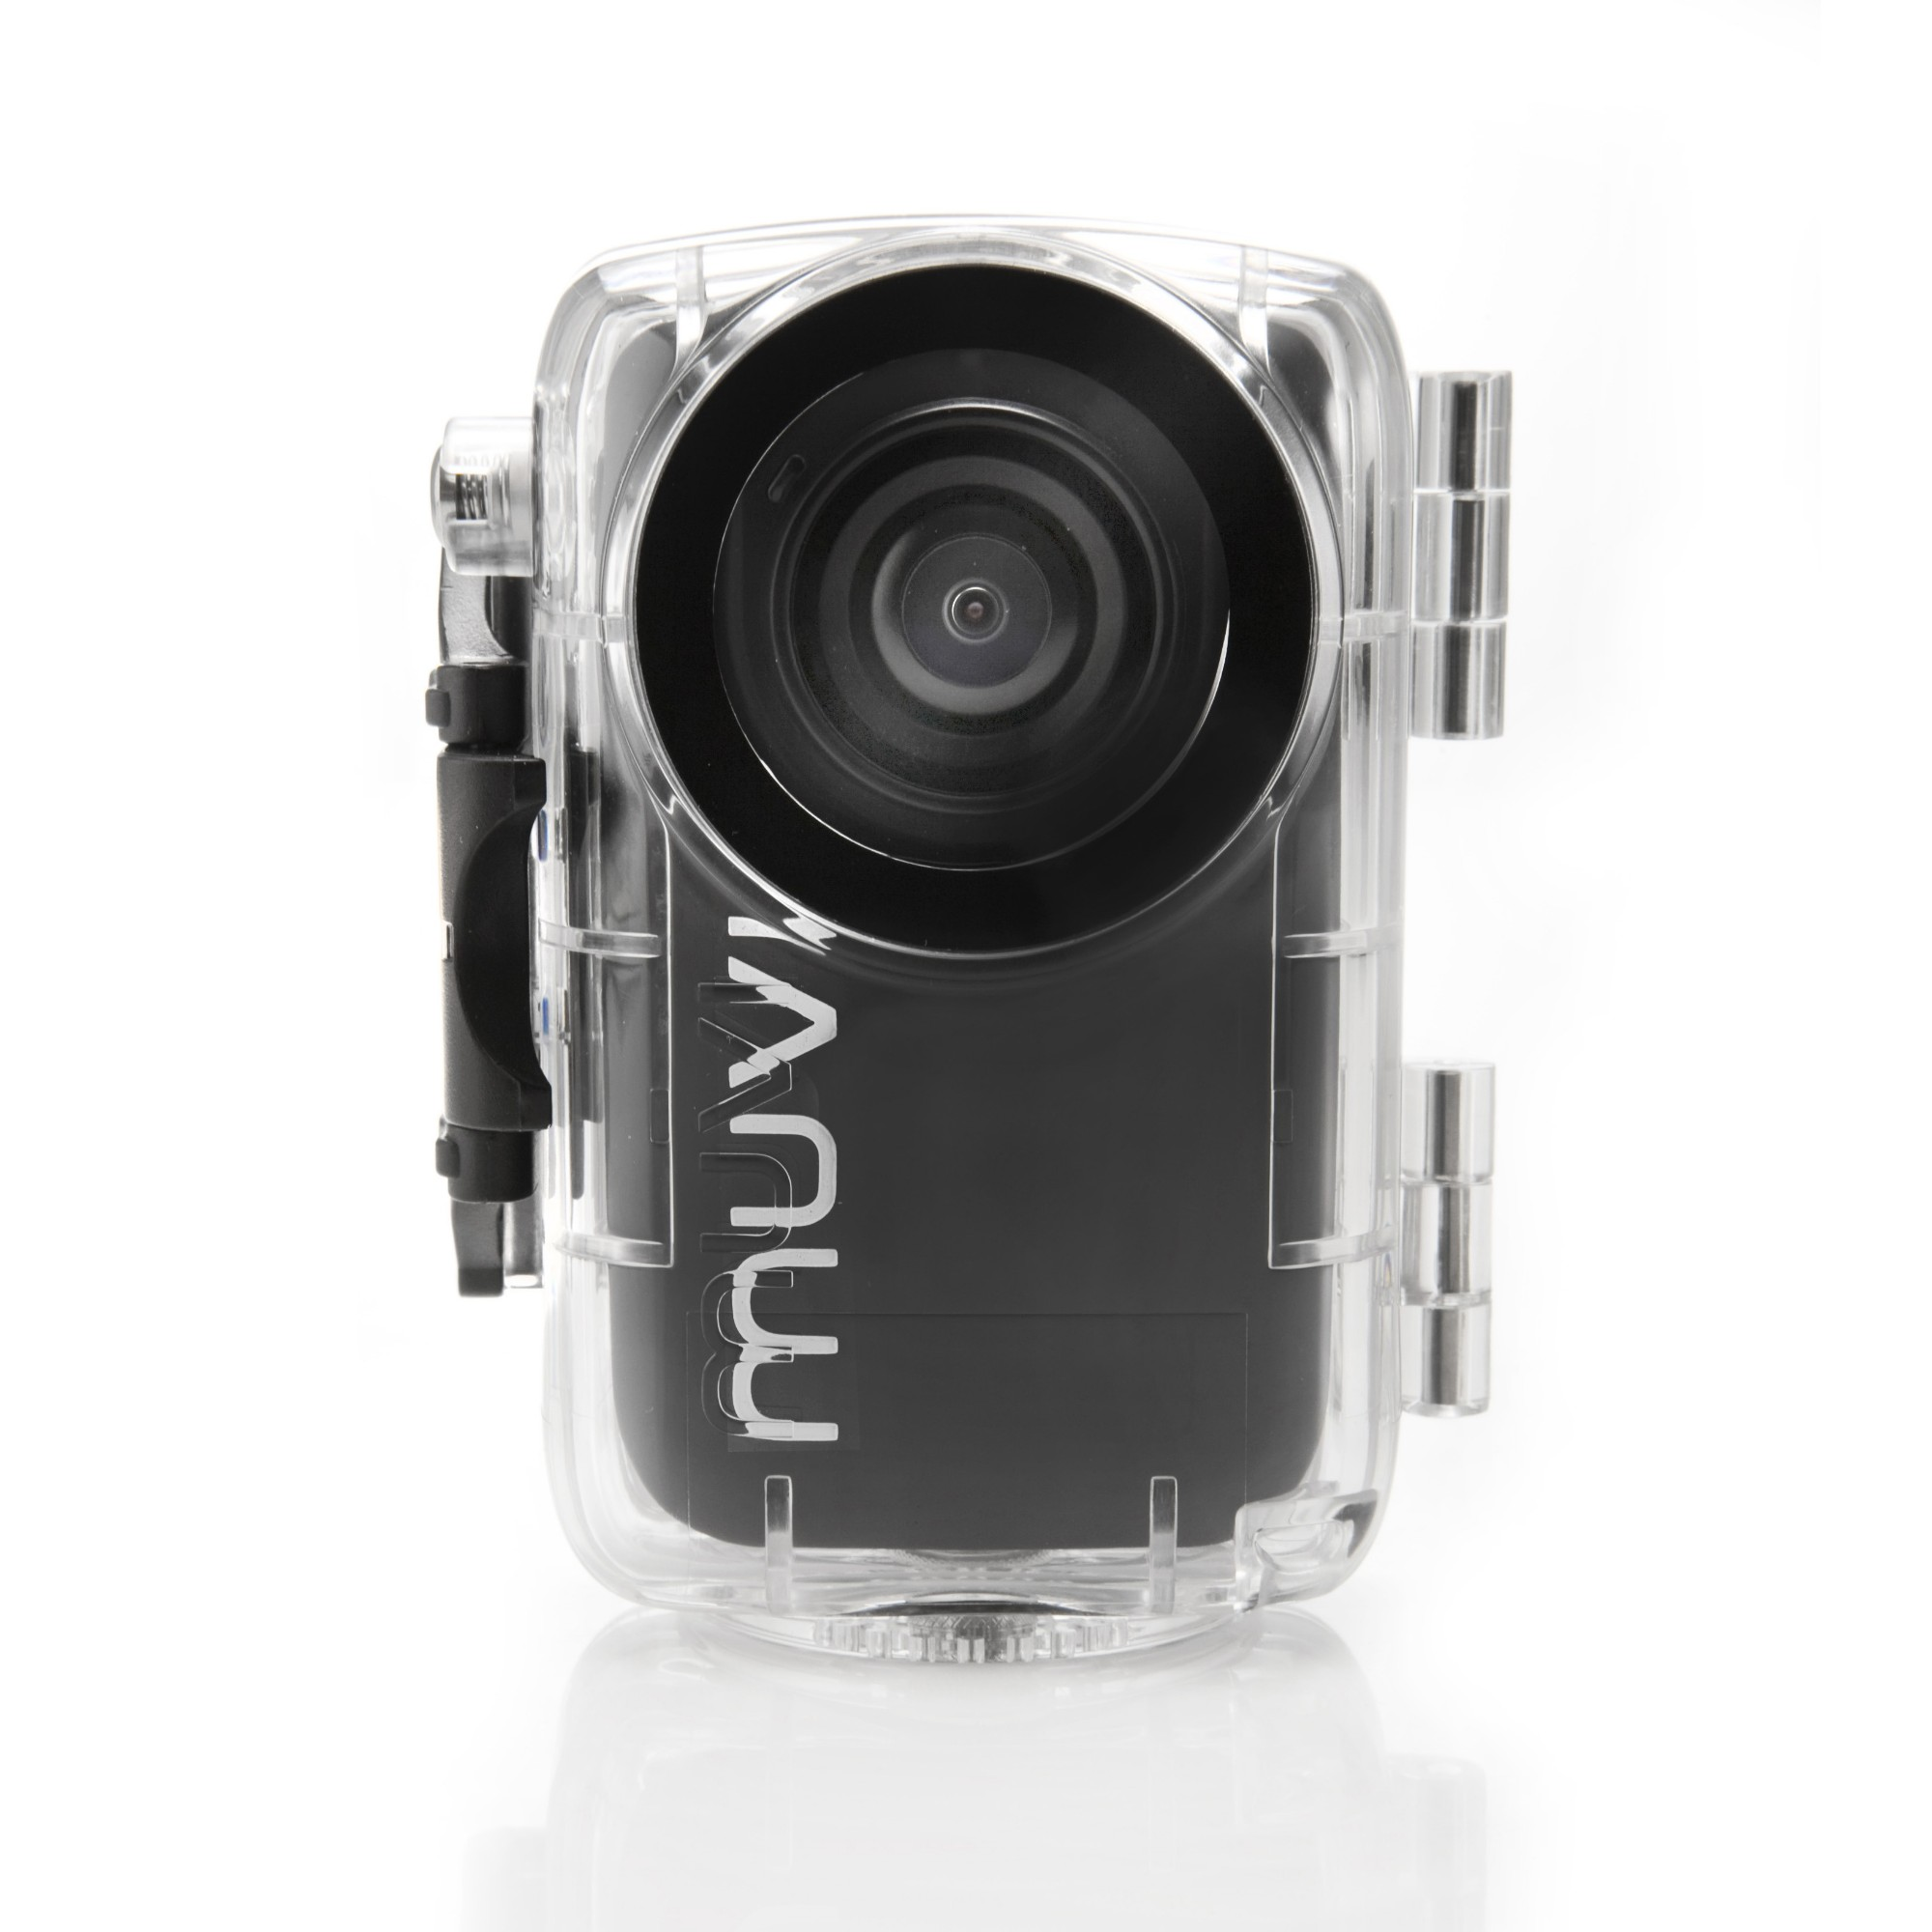 Veho VCC-A010-WPC camera case Black, Transparent